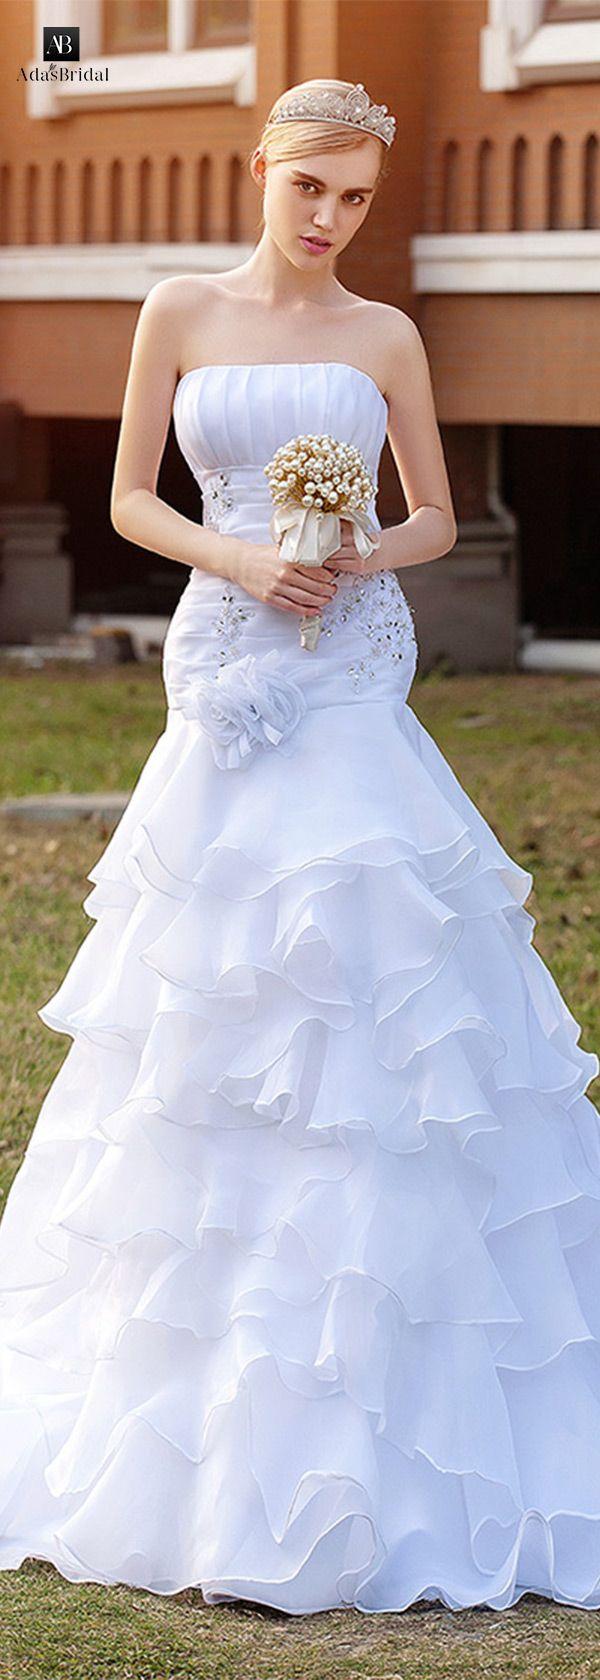 Elegant organza satin strapless neckline ruffled aline wedding